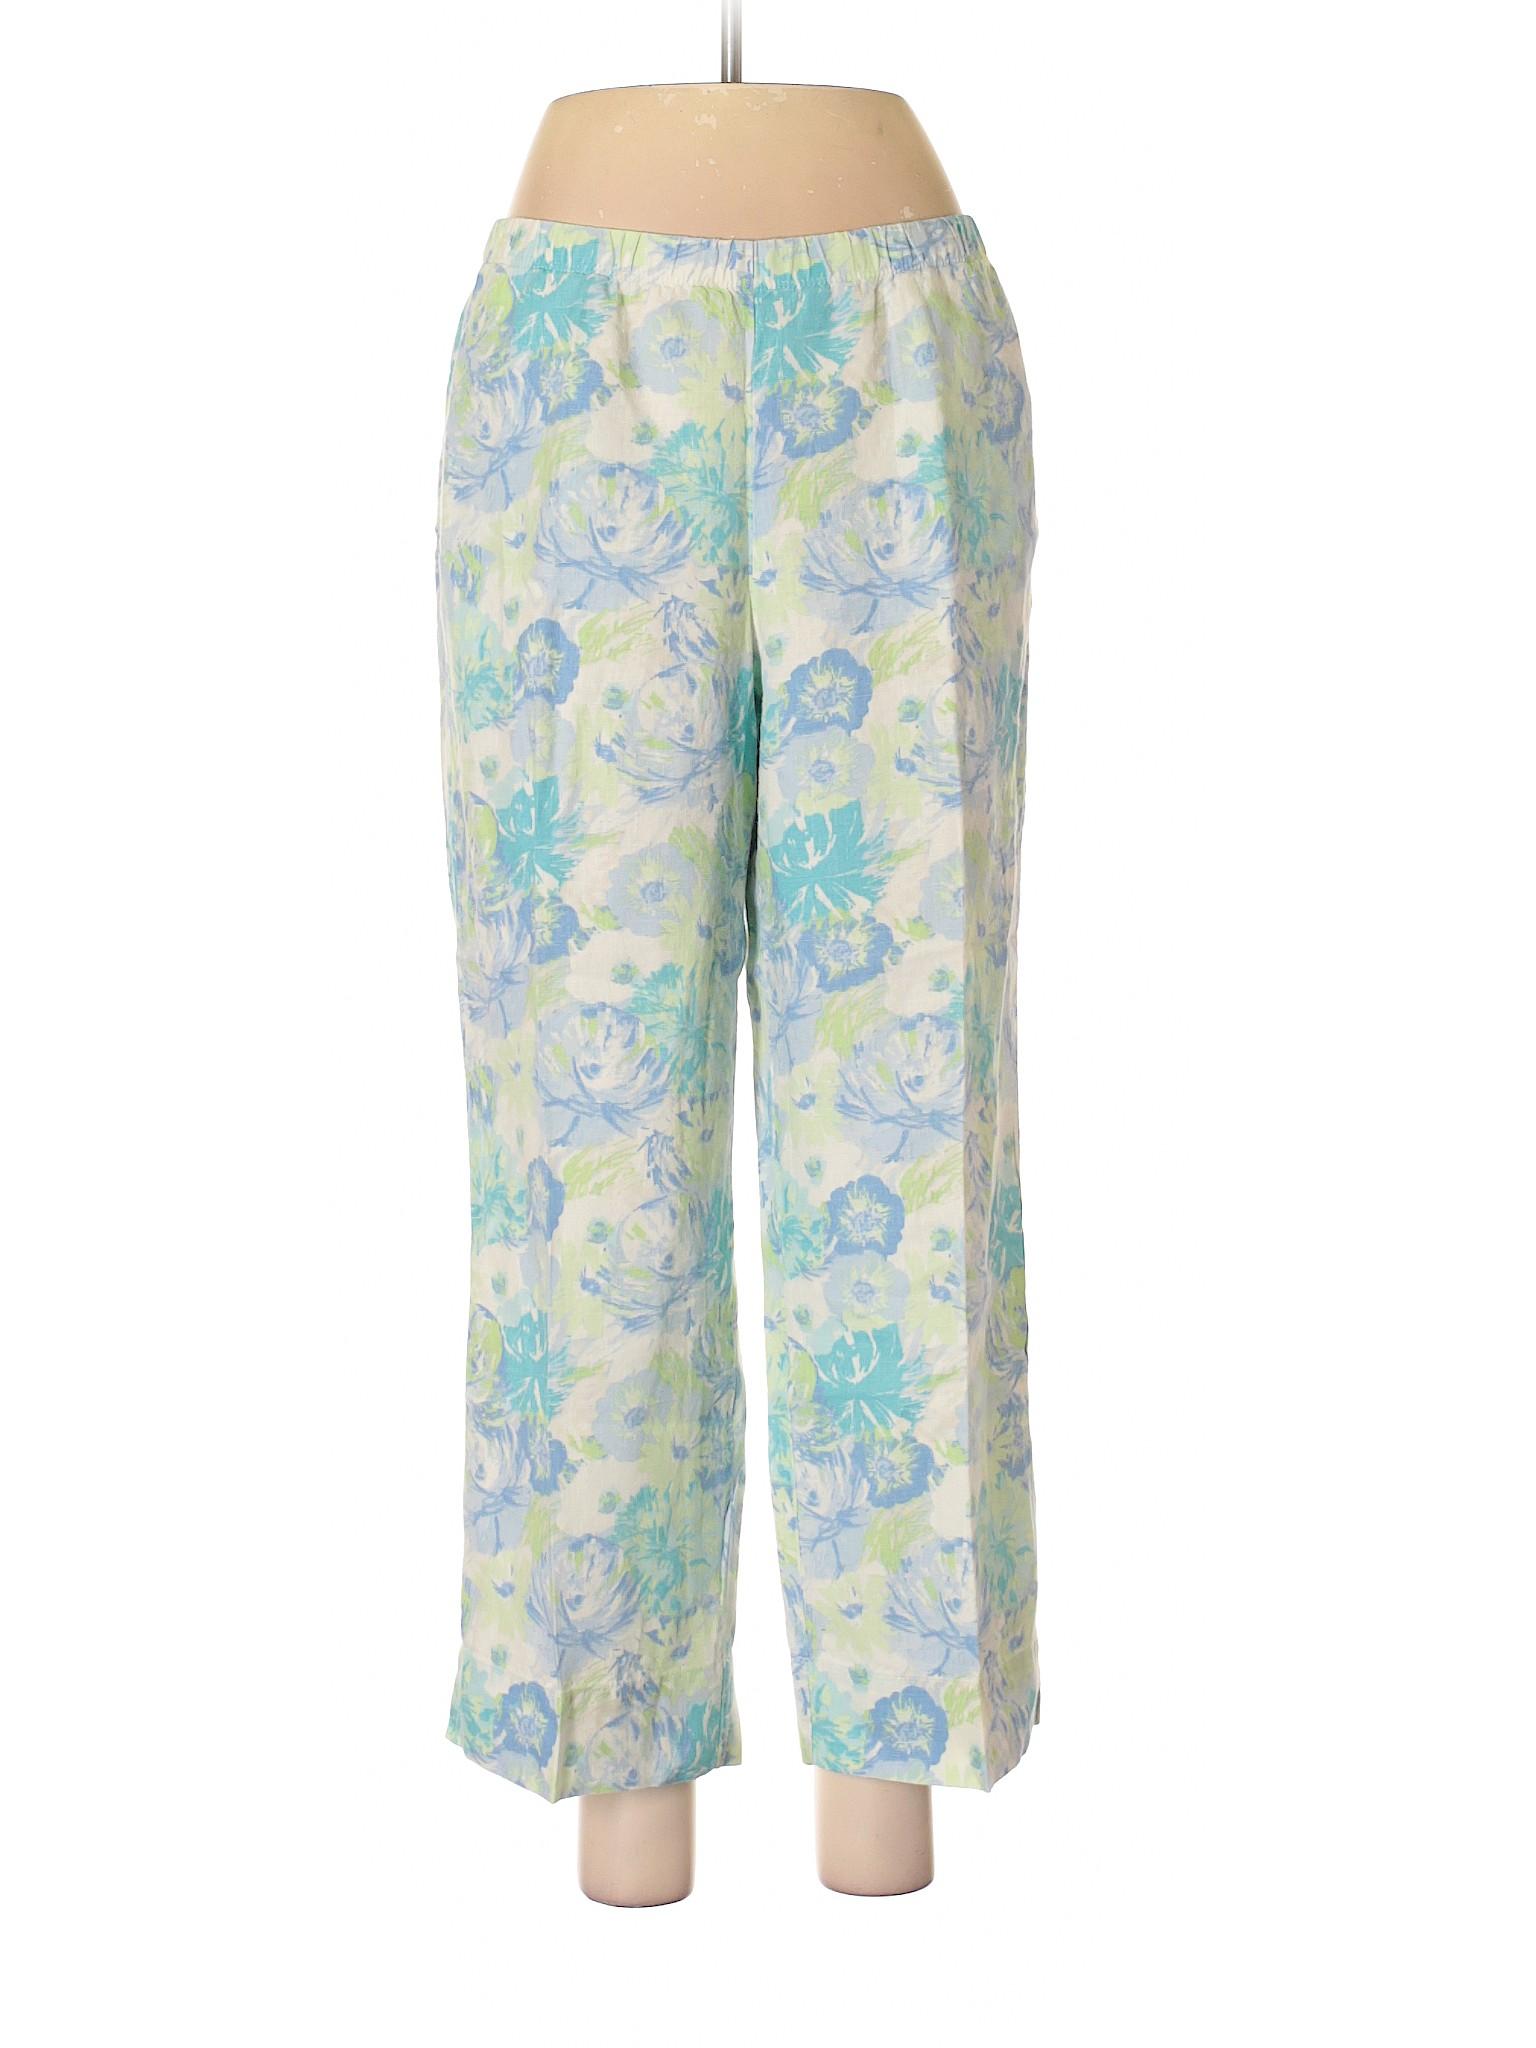 Boutique winter Pants J jill Linen w4CqX|rektora.com